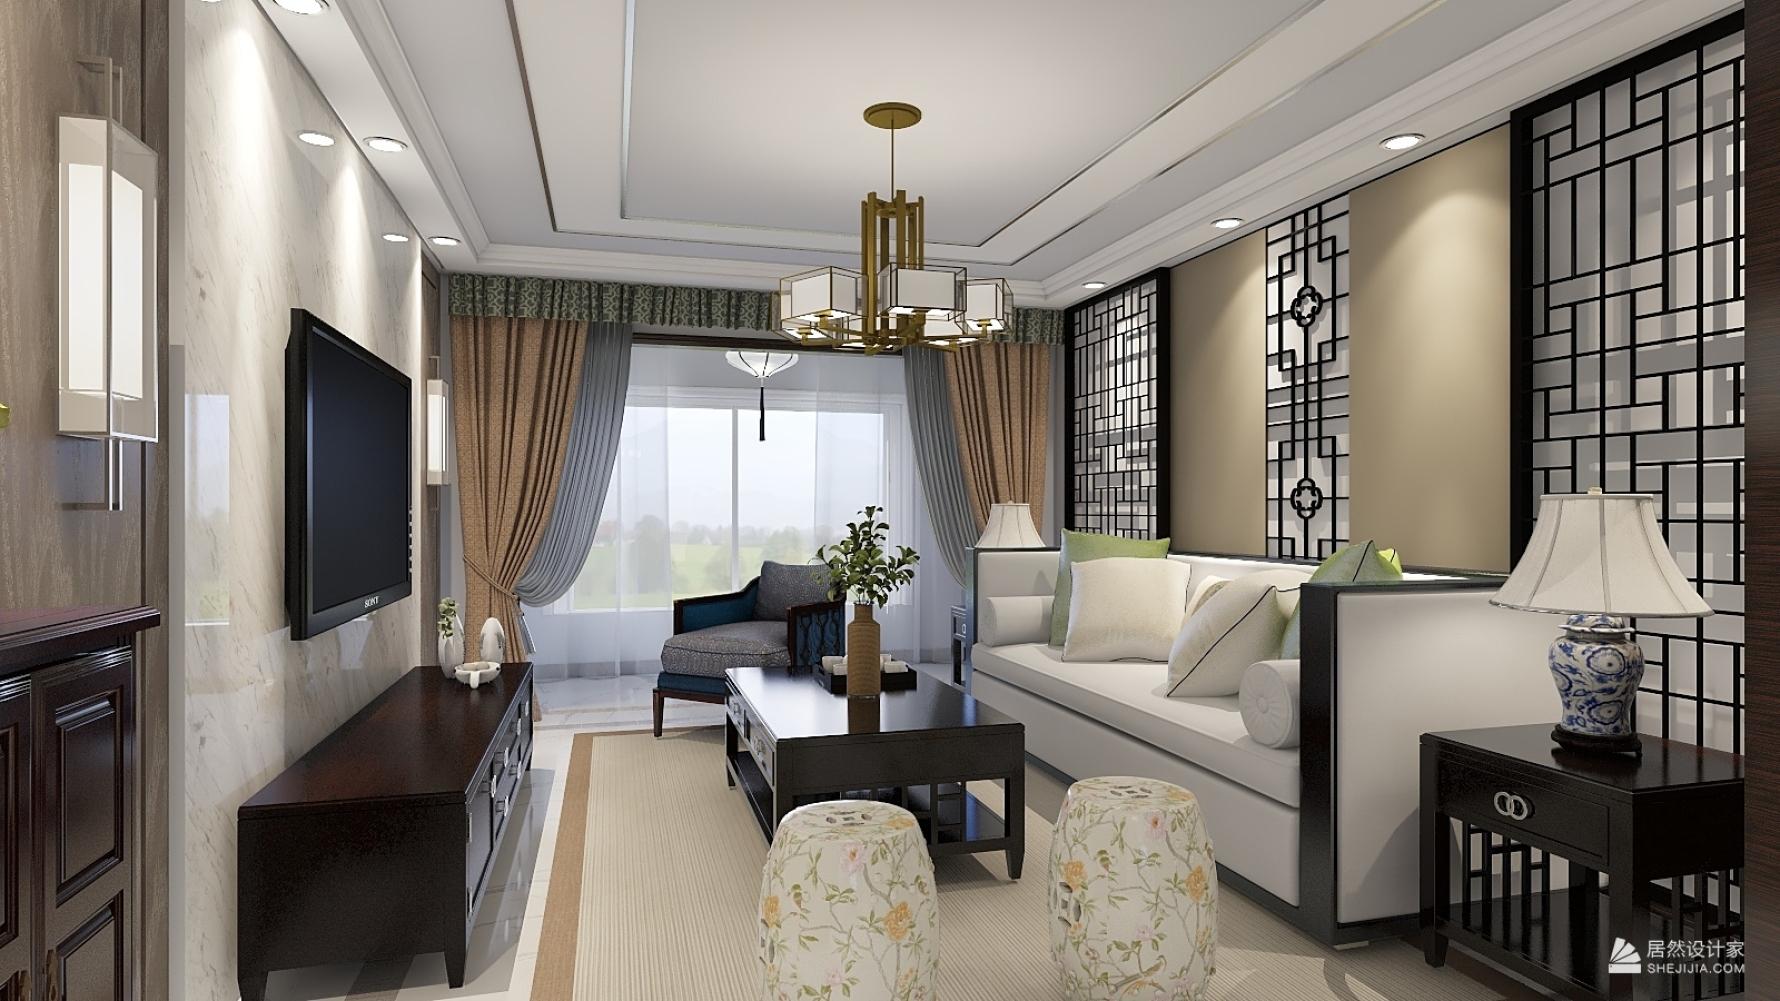 中式风格两室一厅装修设计图